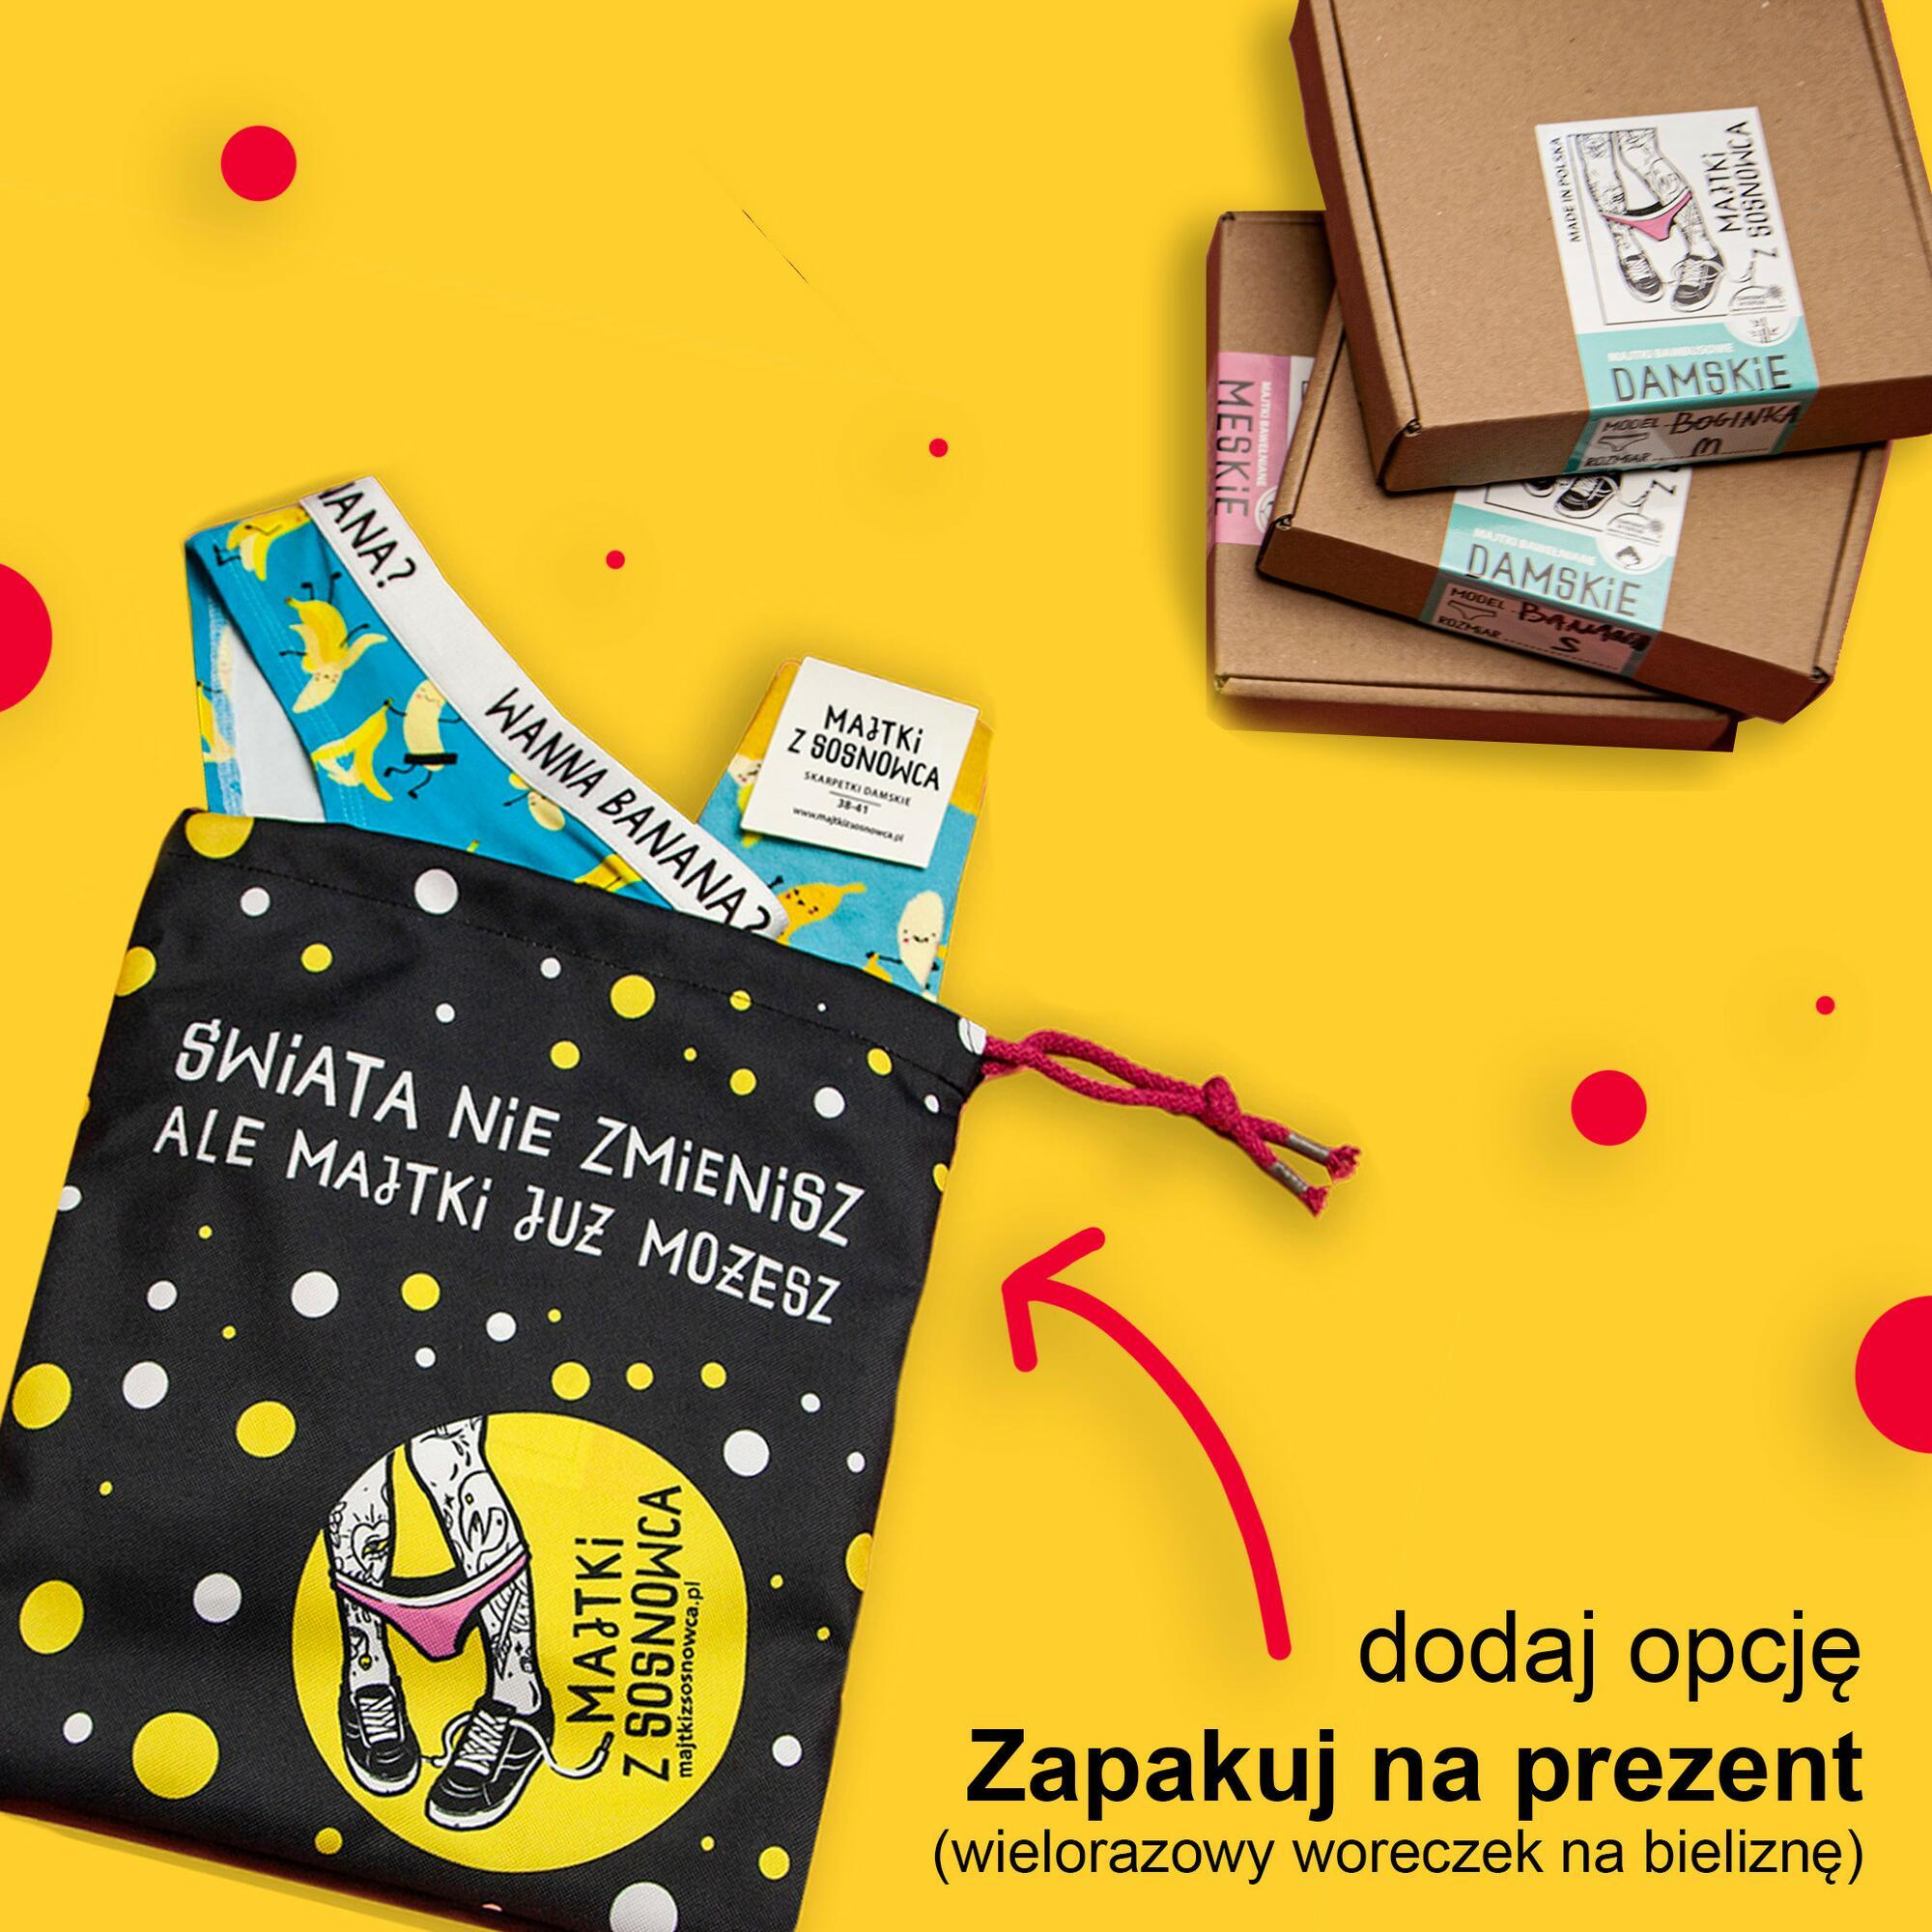 Majtki z Sosnowca - KLASYK - figi bambusowe damskie czarne z napisem - Majtki z Sosnowca by After Panty | JestemSlow.pl